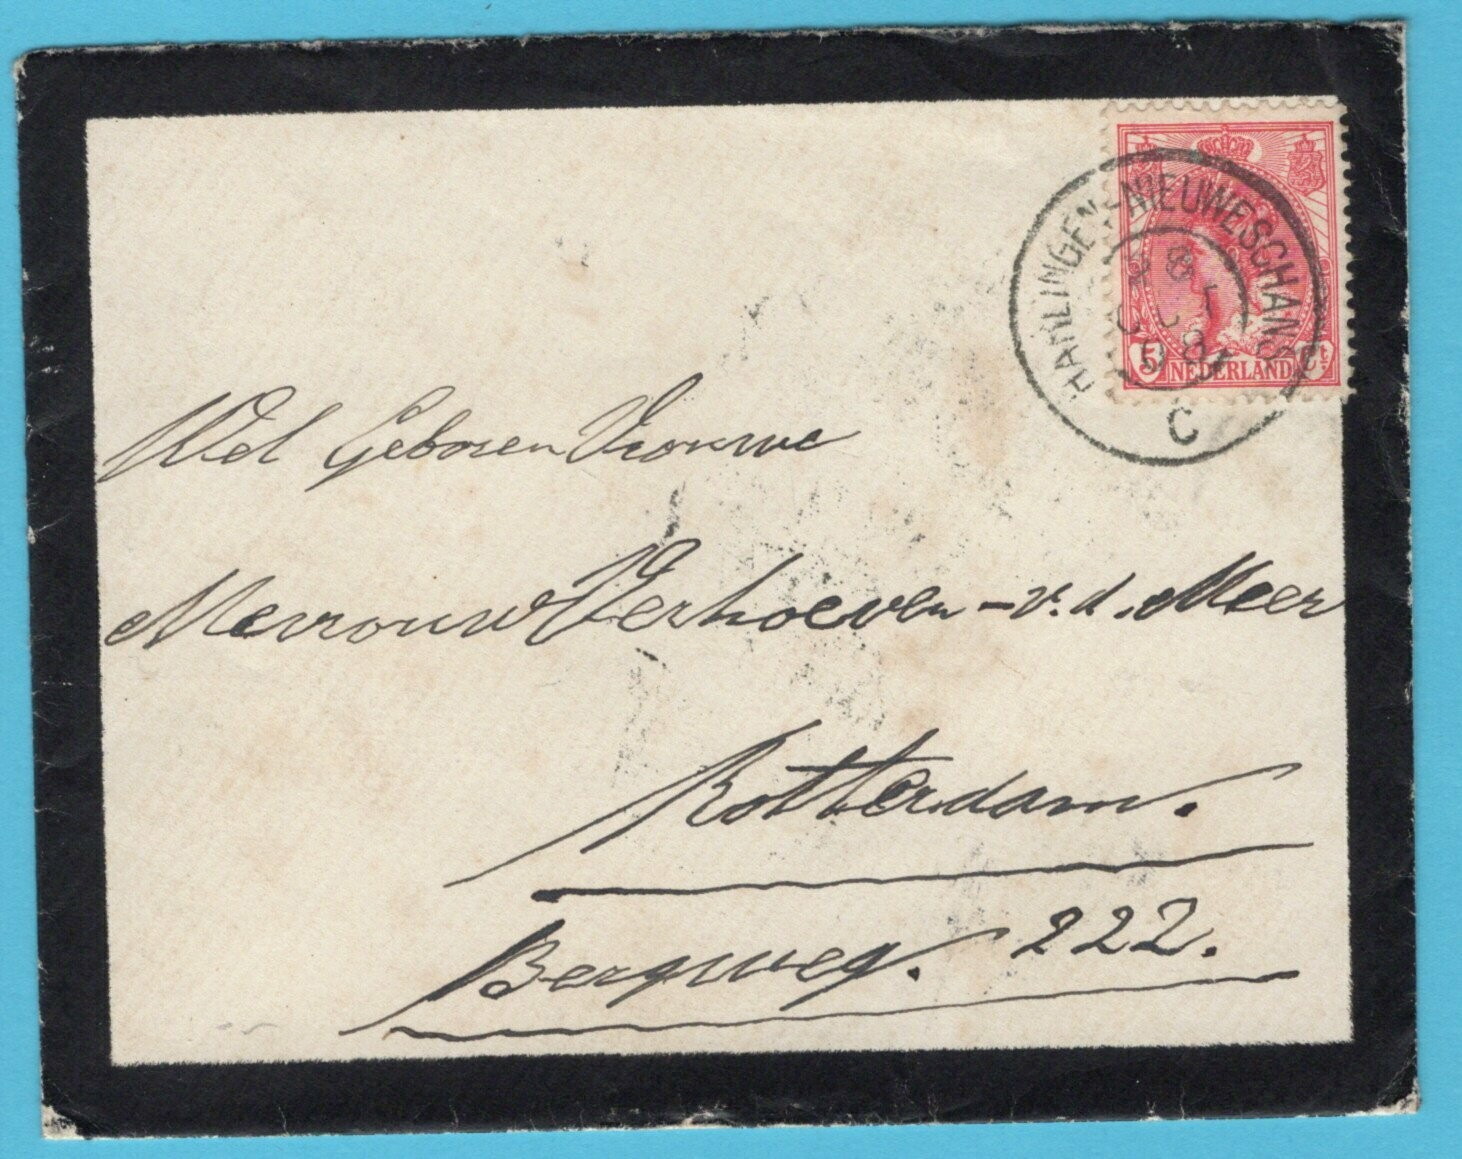 NEDERLAND rouwbrief 1908 Harlingen-Nieuweschans treinstempel